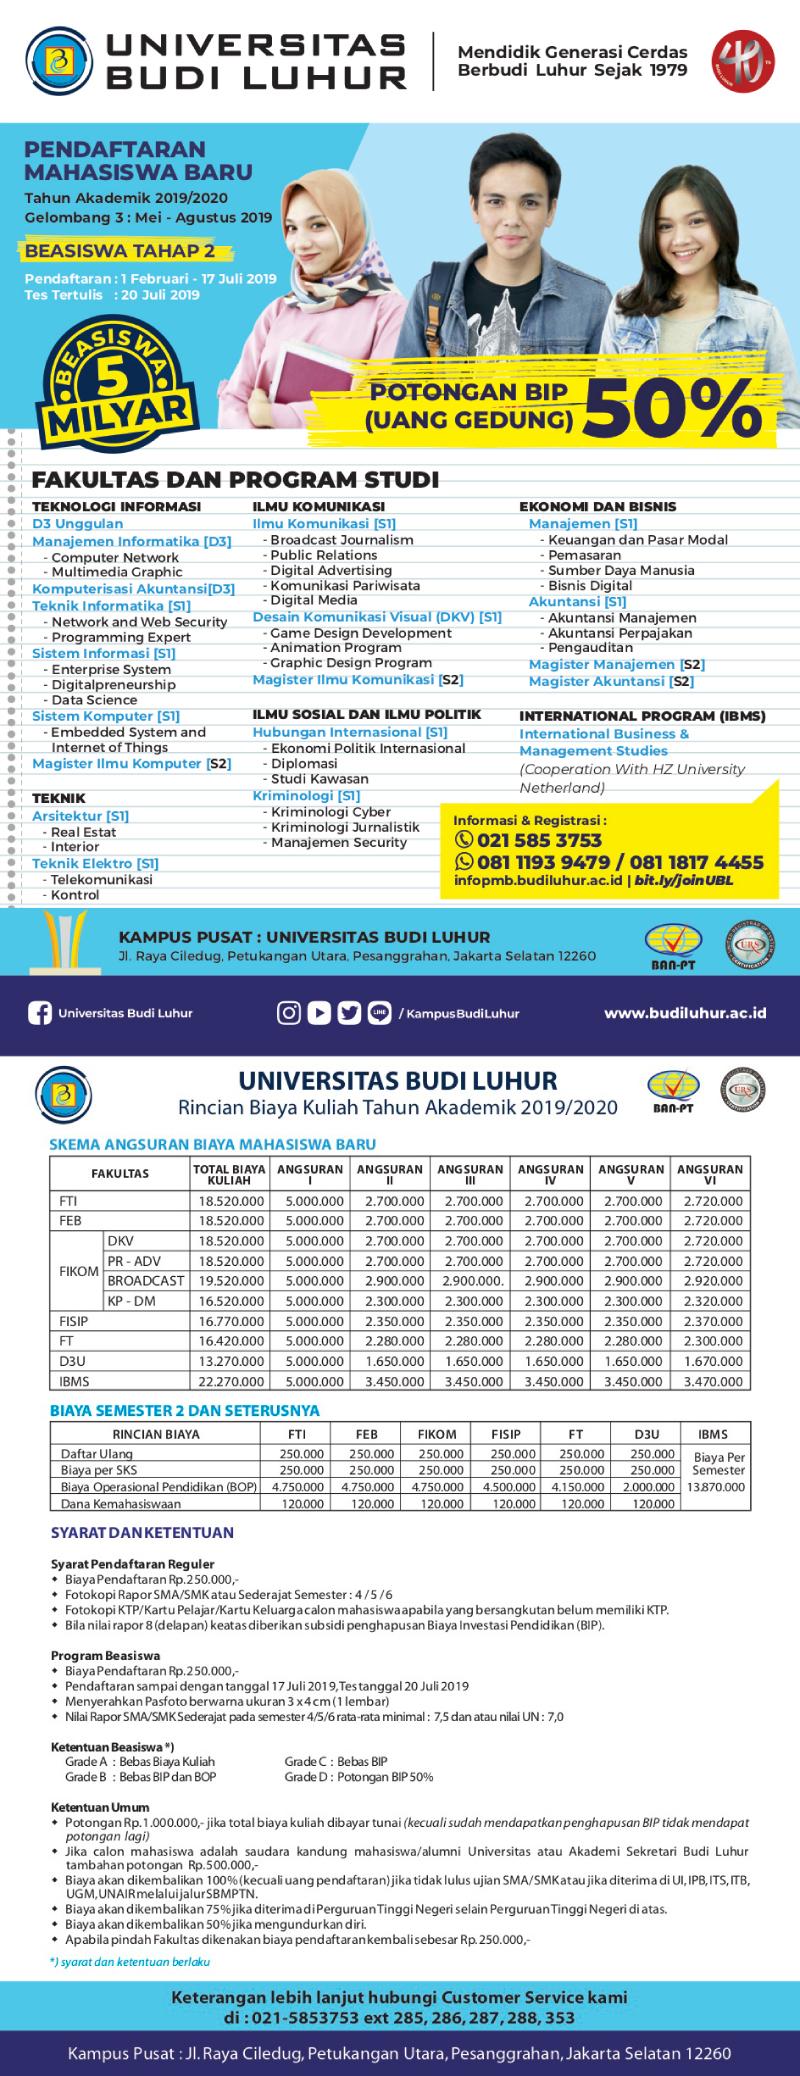 Download Rincian Biaya Pendaftaran Masuk Universitas Budi Luhur2019/2020